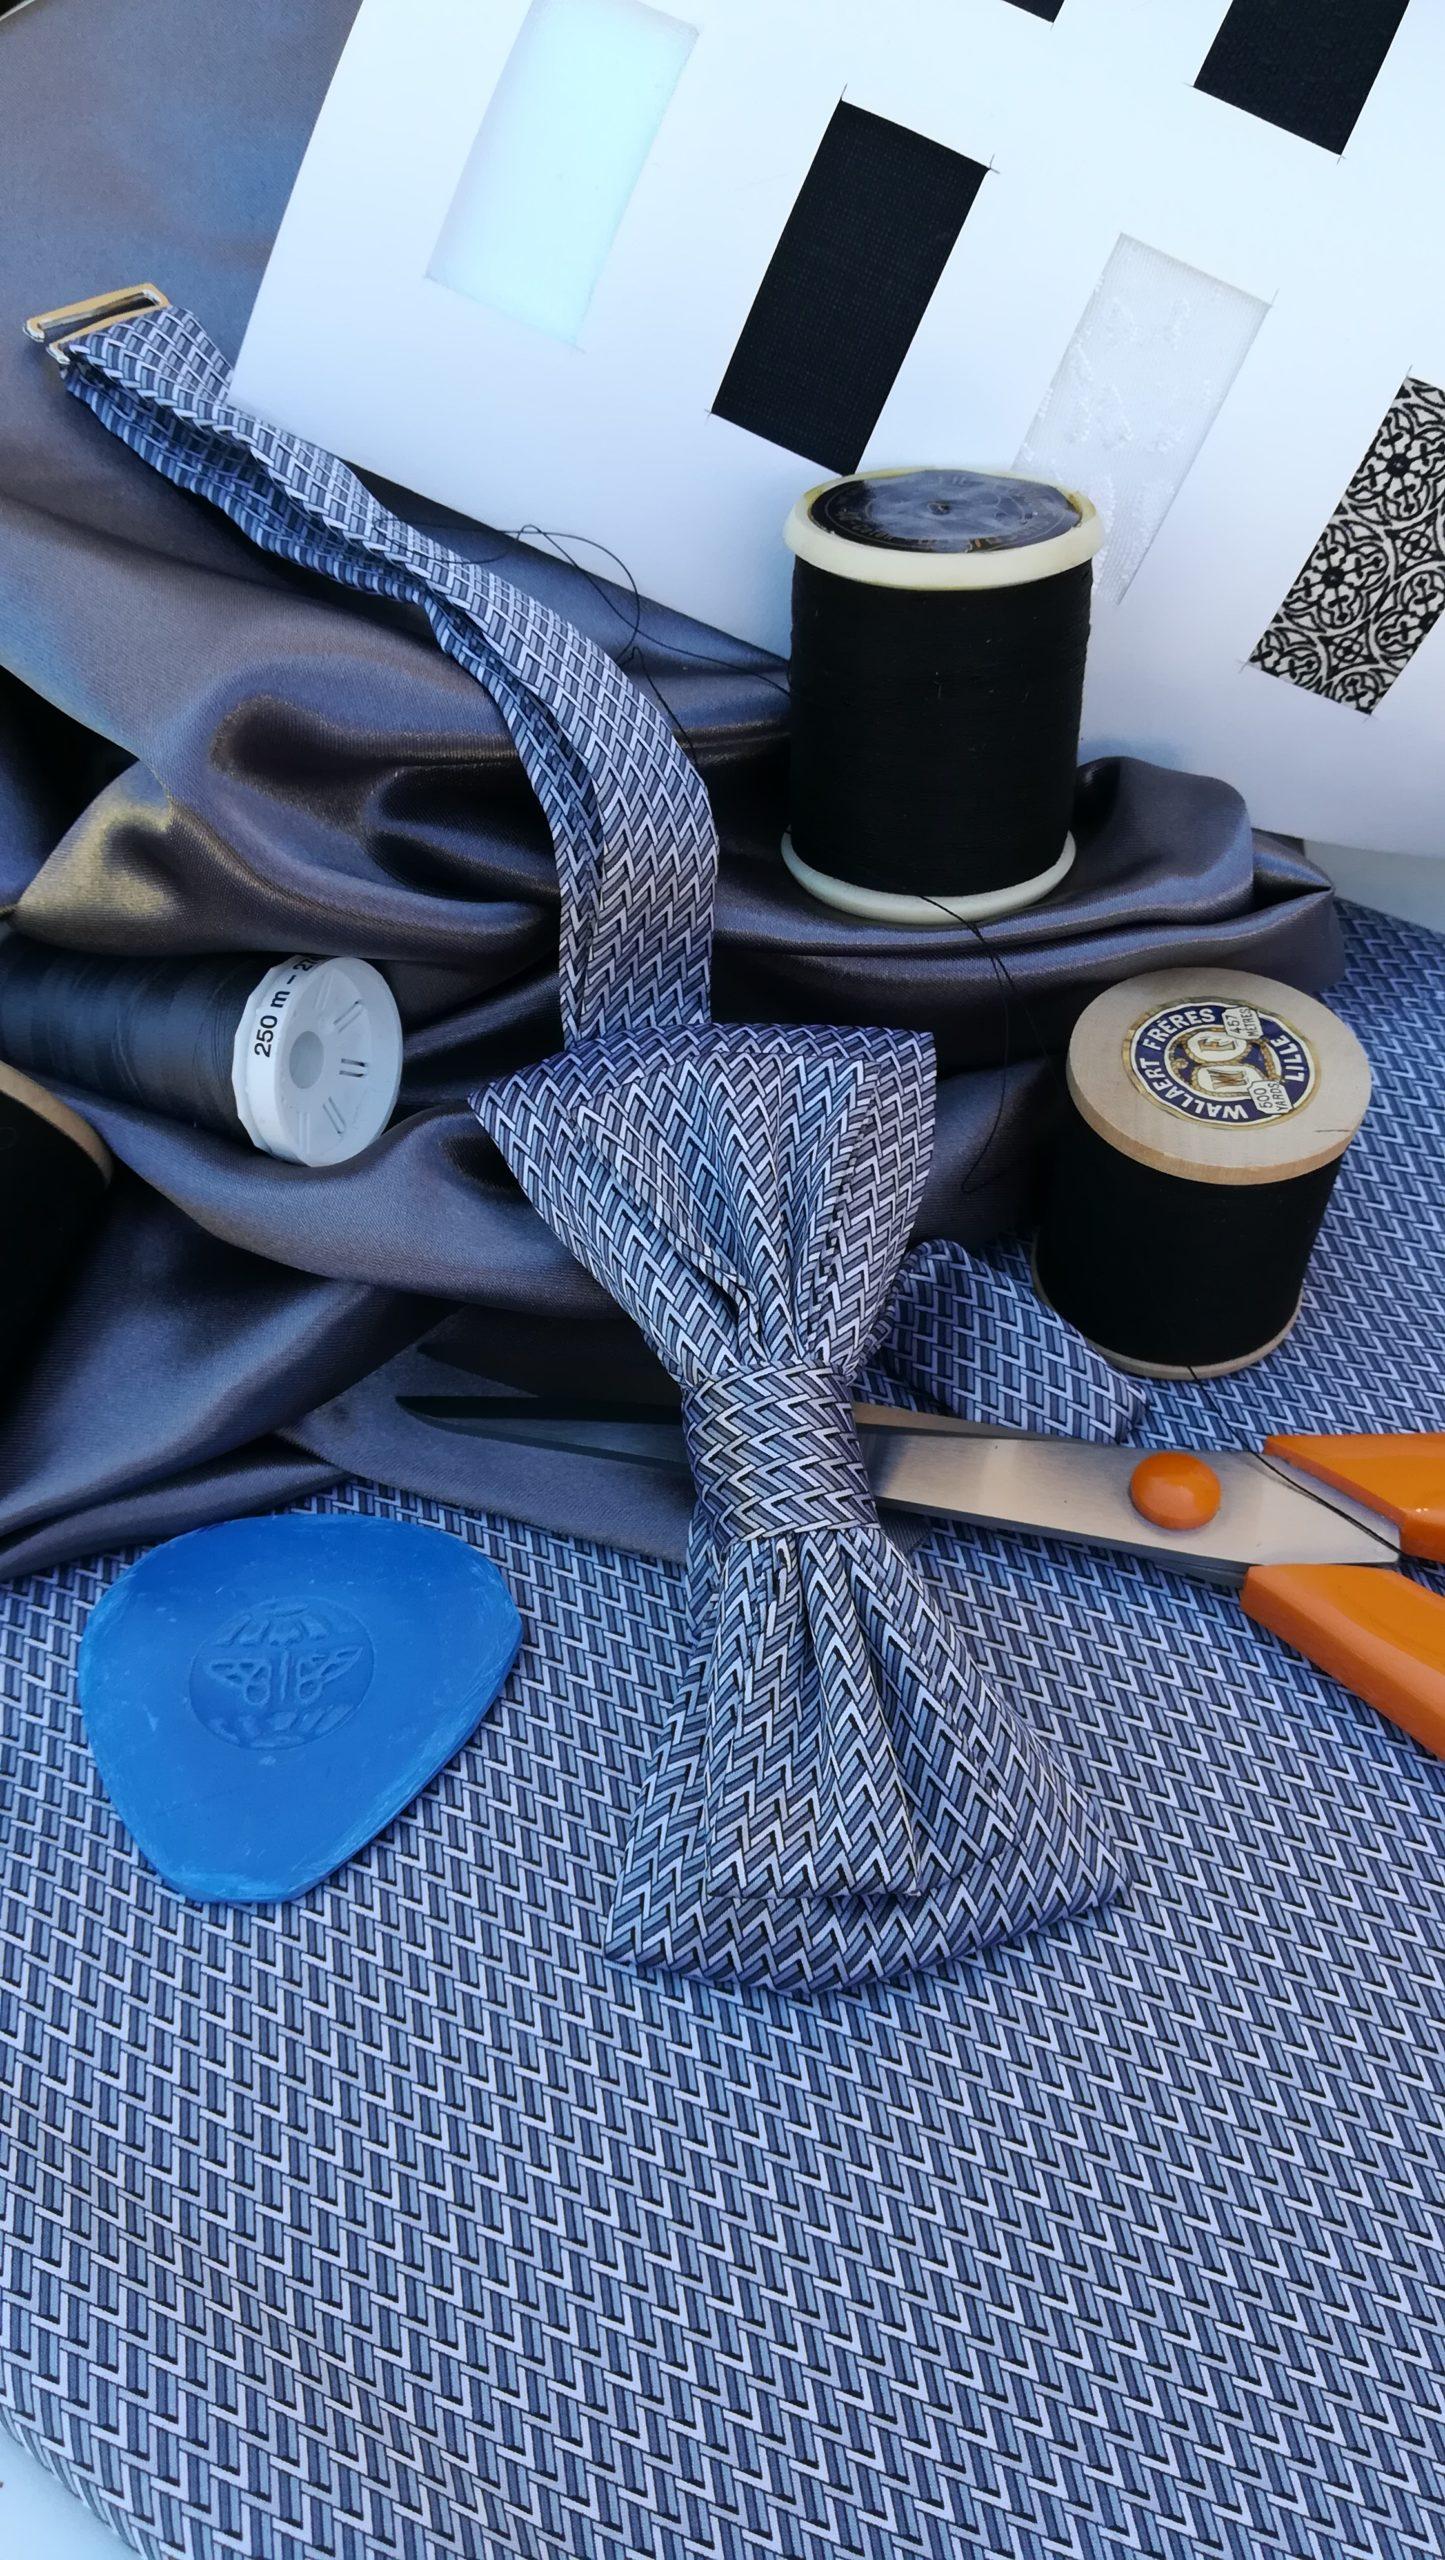 Création-fabrication-inspiration-soie-gris-couture-800x106-LDM-Créateur-fr